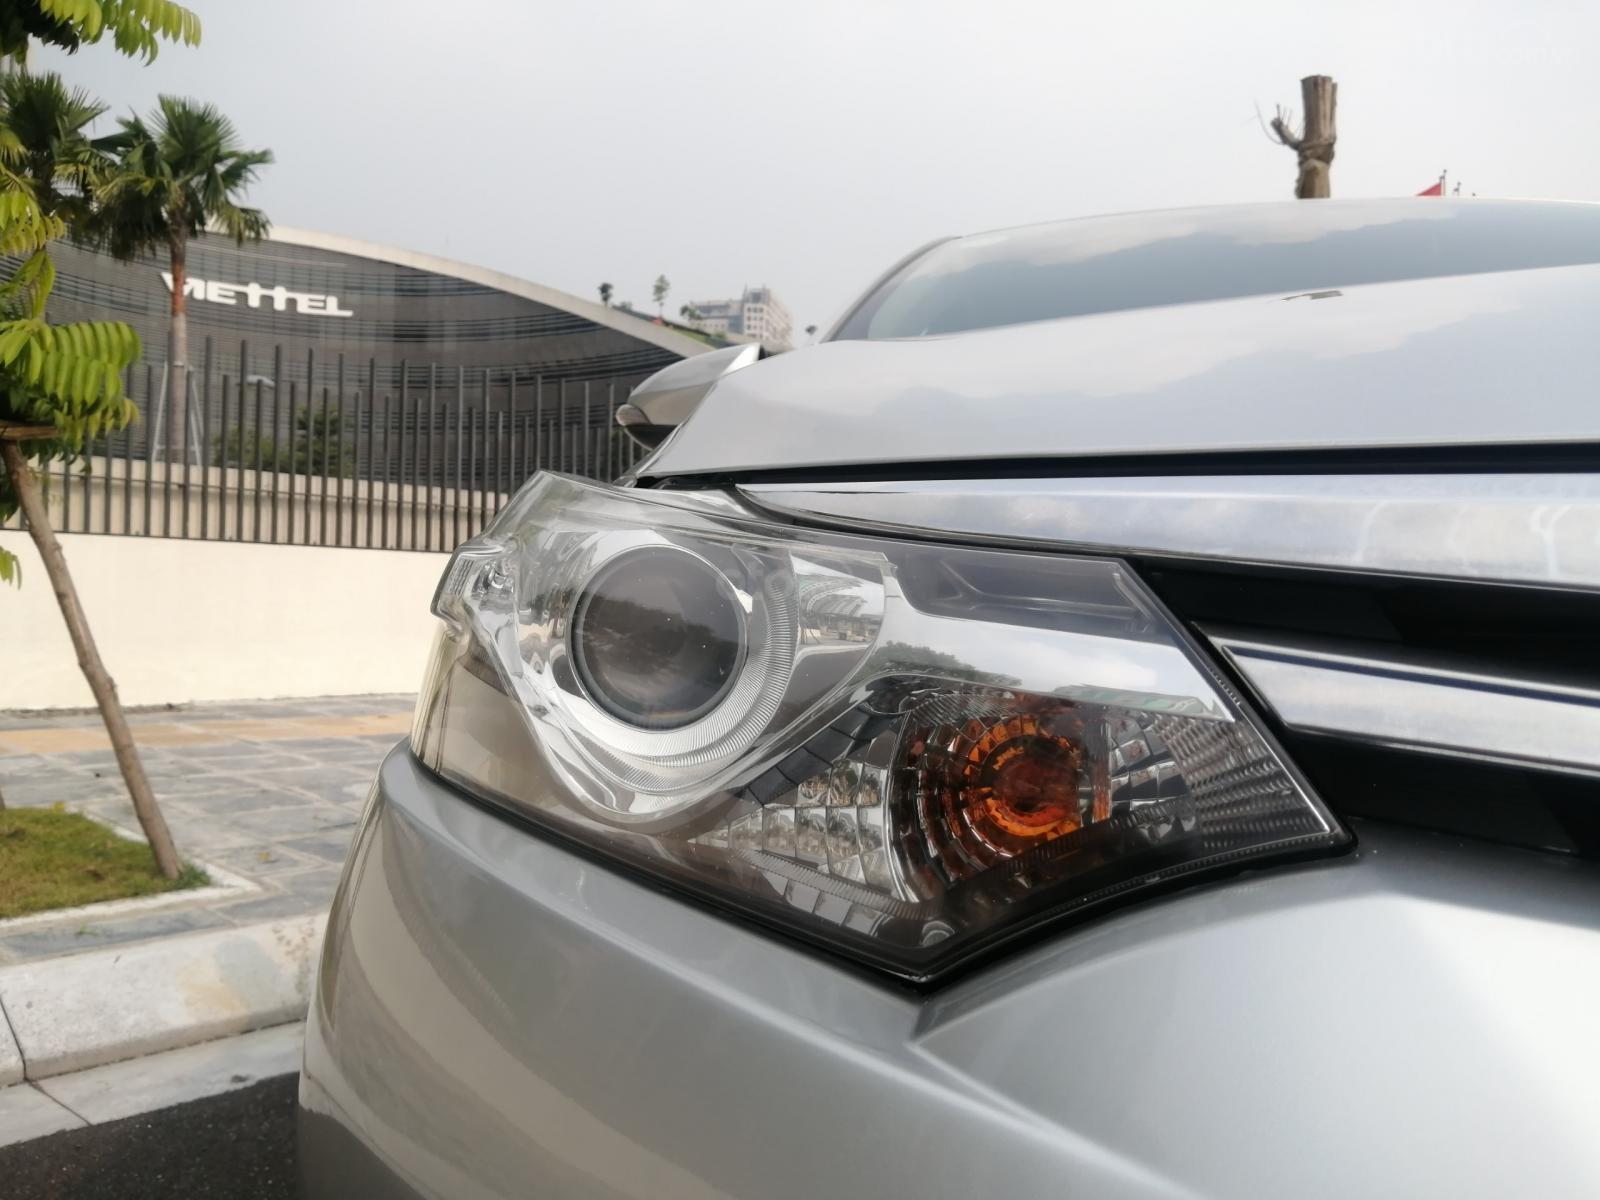 Toyota Mỹ Đình - trung tâm xe đã qua sử dụng - cần bán Toyota Vios đời 2014, 419tr (4)